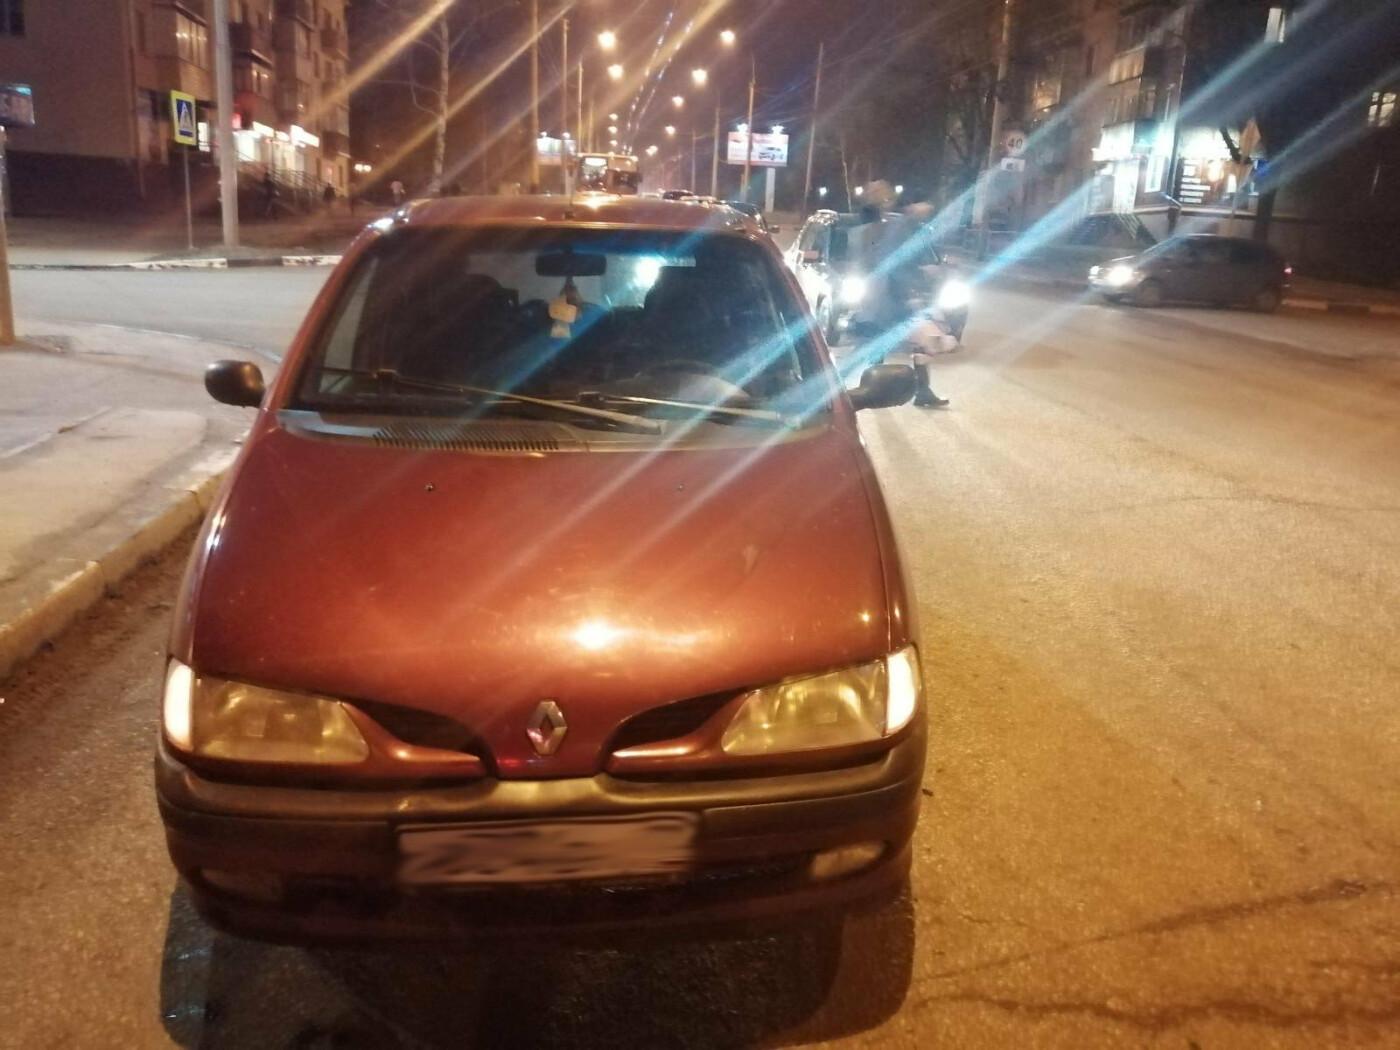 Под Тамбовом «Лада Калина» сбила на обочине двух девочек, водитель скрылся с места ДТП, фото-2